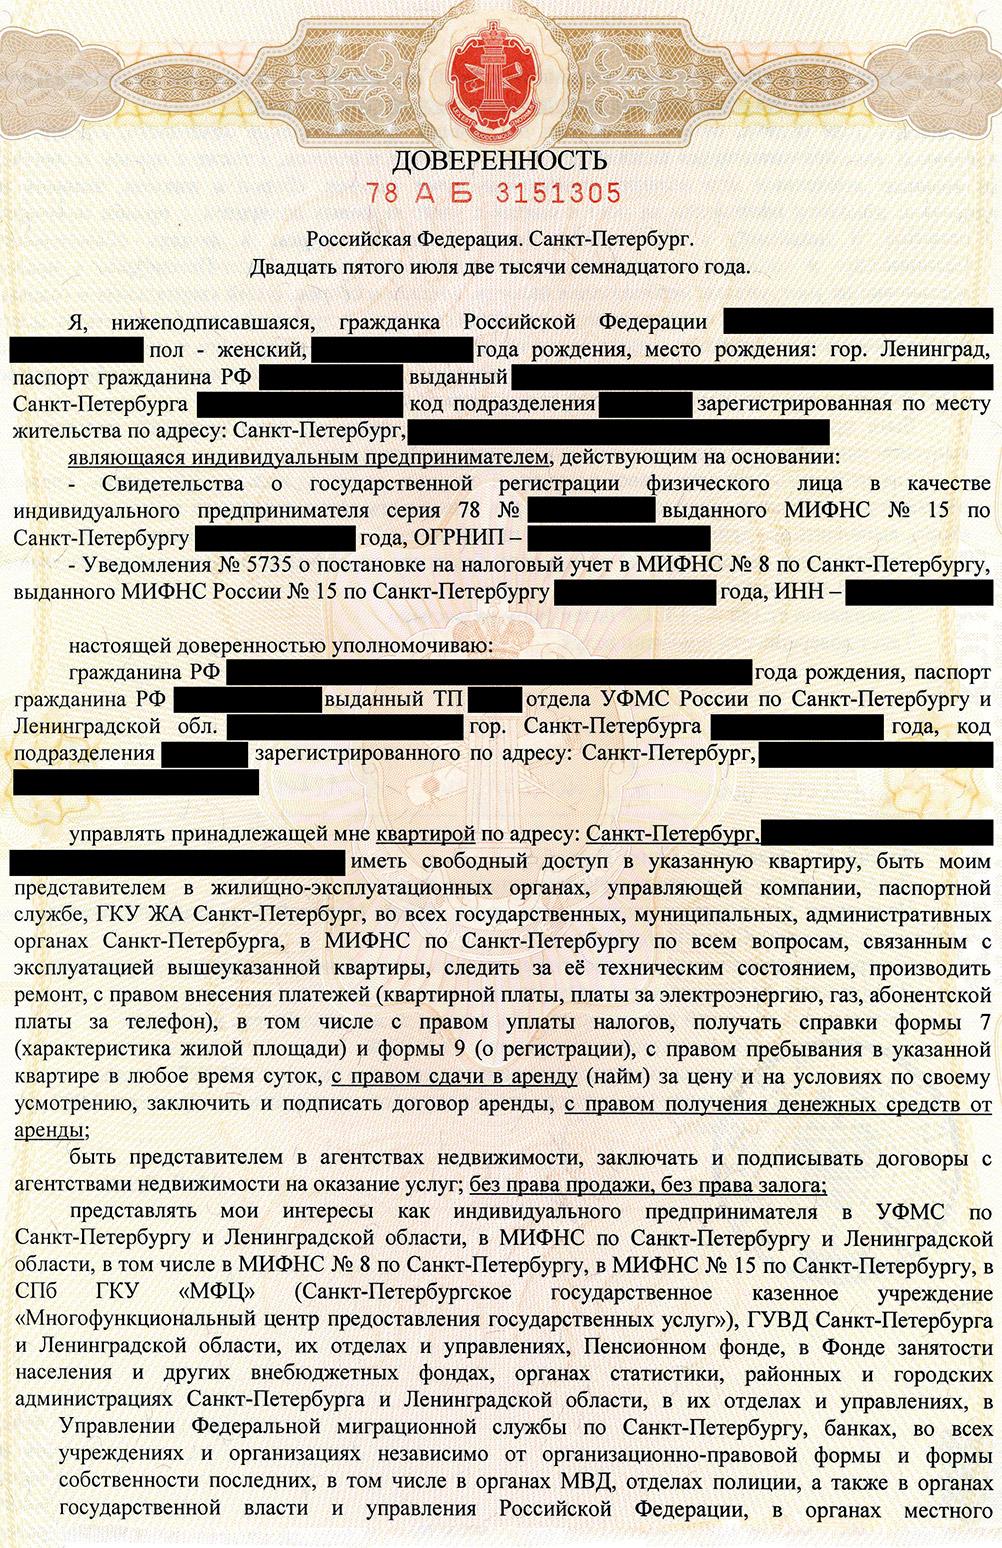 Вот как, например, может выглядеть доверенность, если решите законно сдать квартиру в России и уехать жить за границу